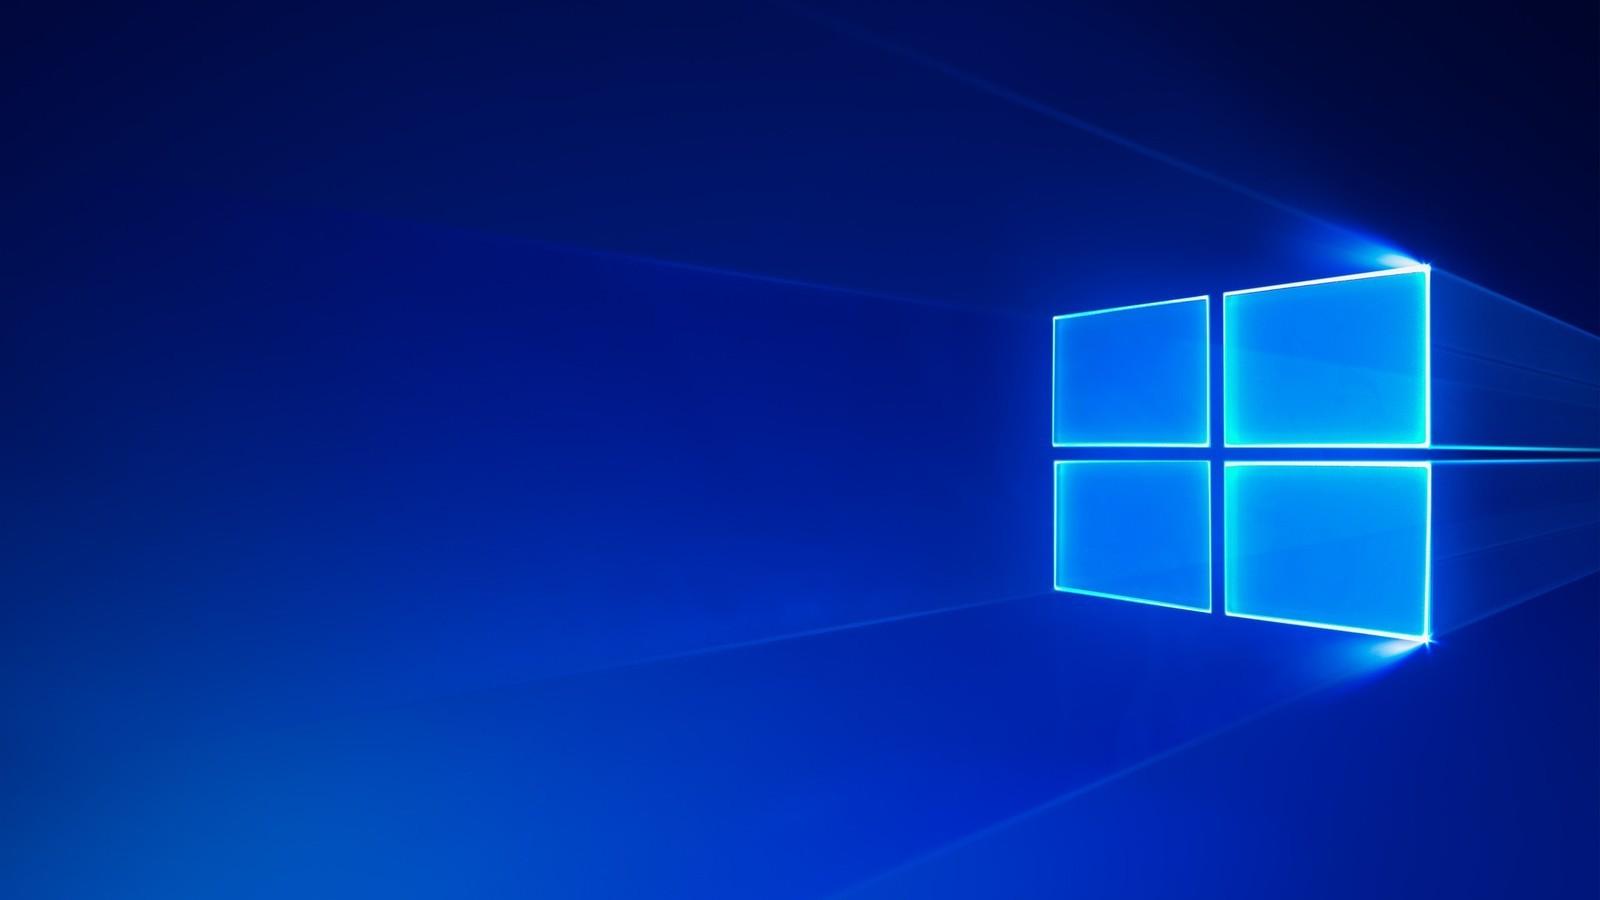 reparar o erro de atualização do Windows 10 0x80242006